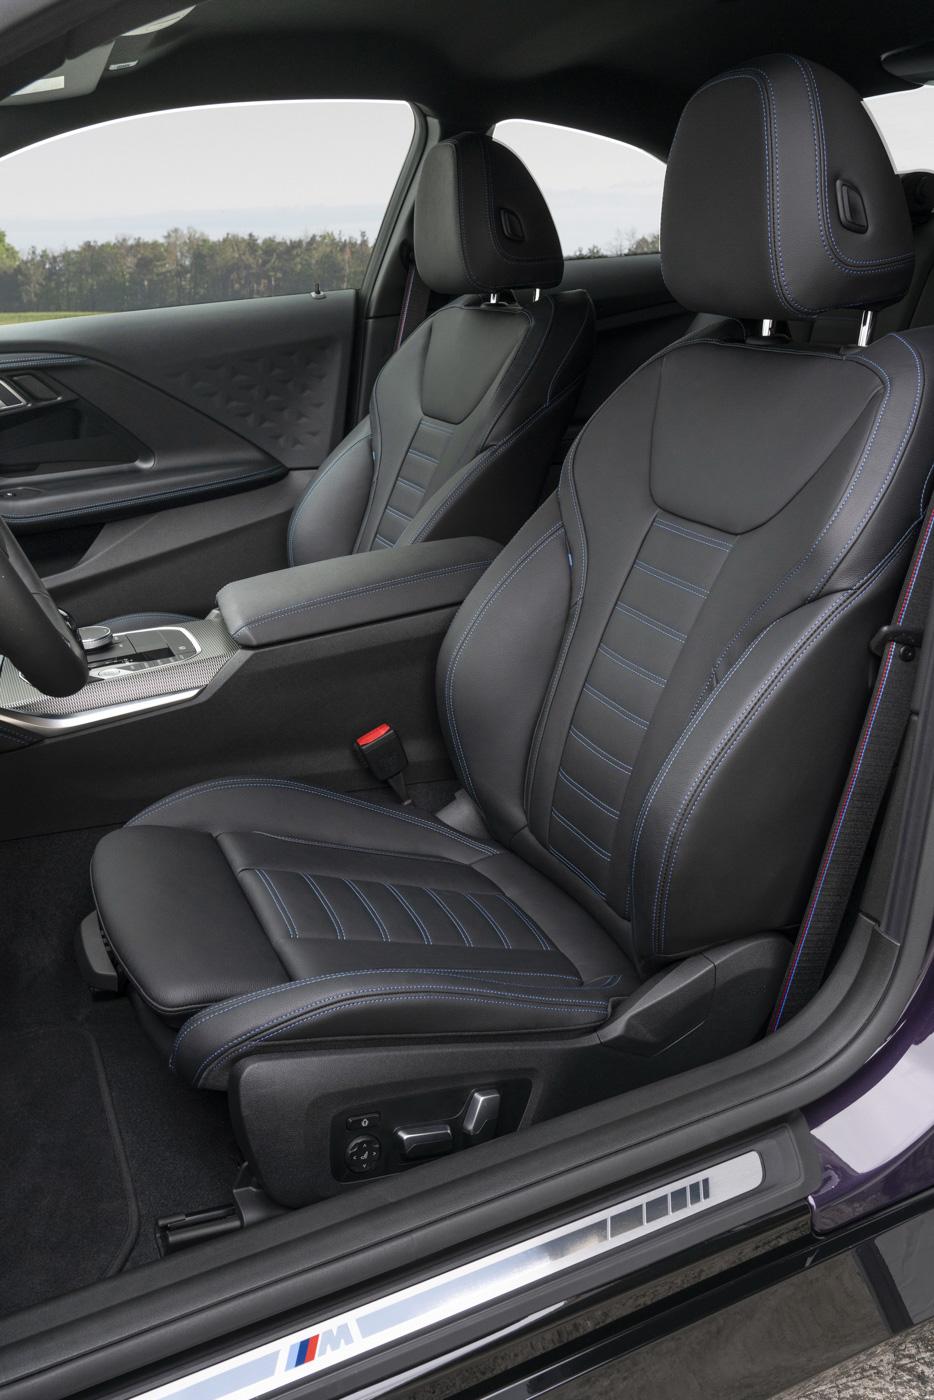 BMW-2-series-2022-ra-mắt-với-giá-bán-từ-36350-usd-24.jpg